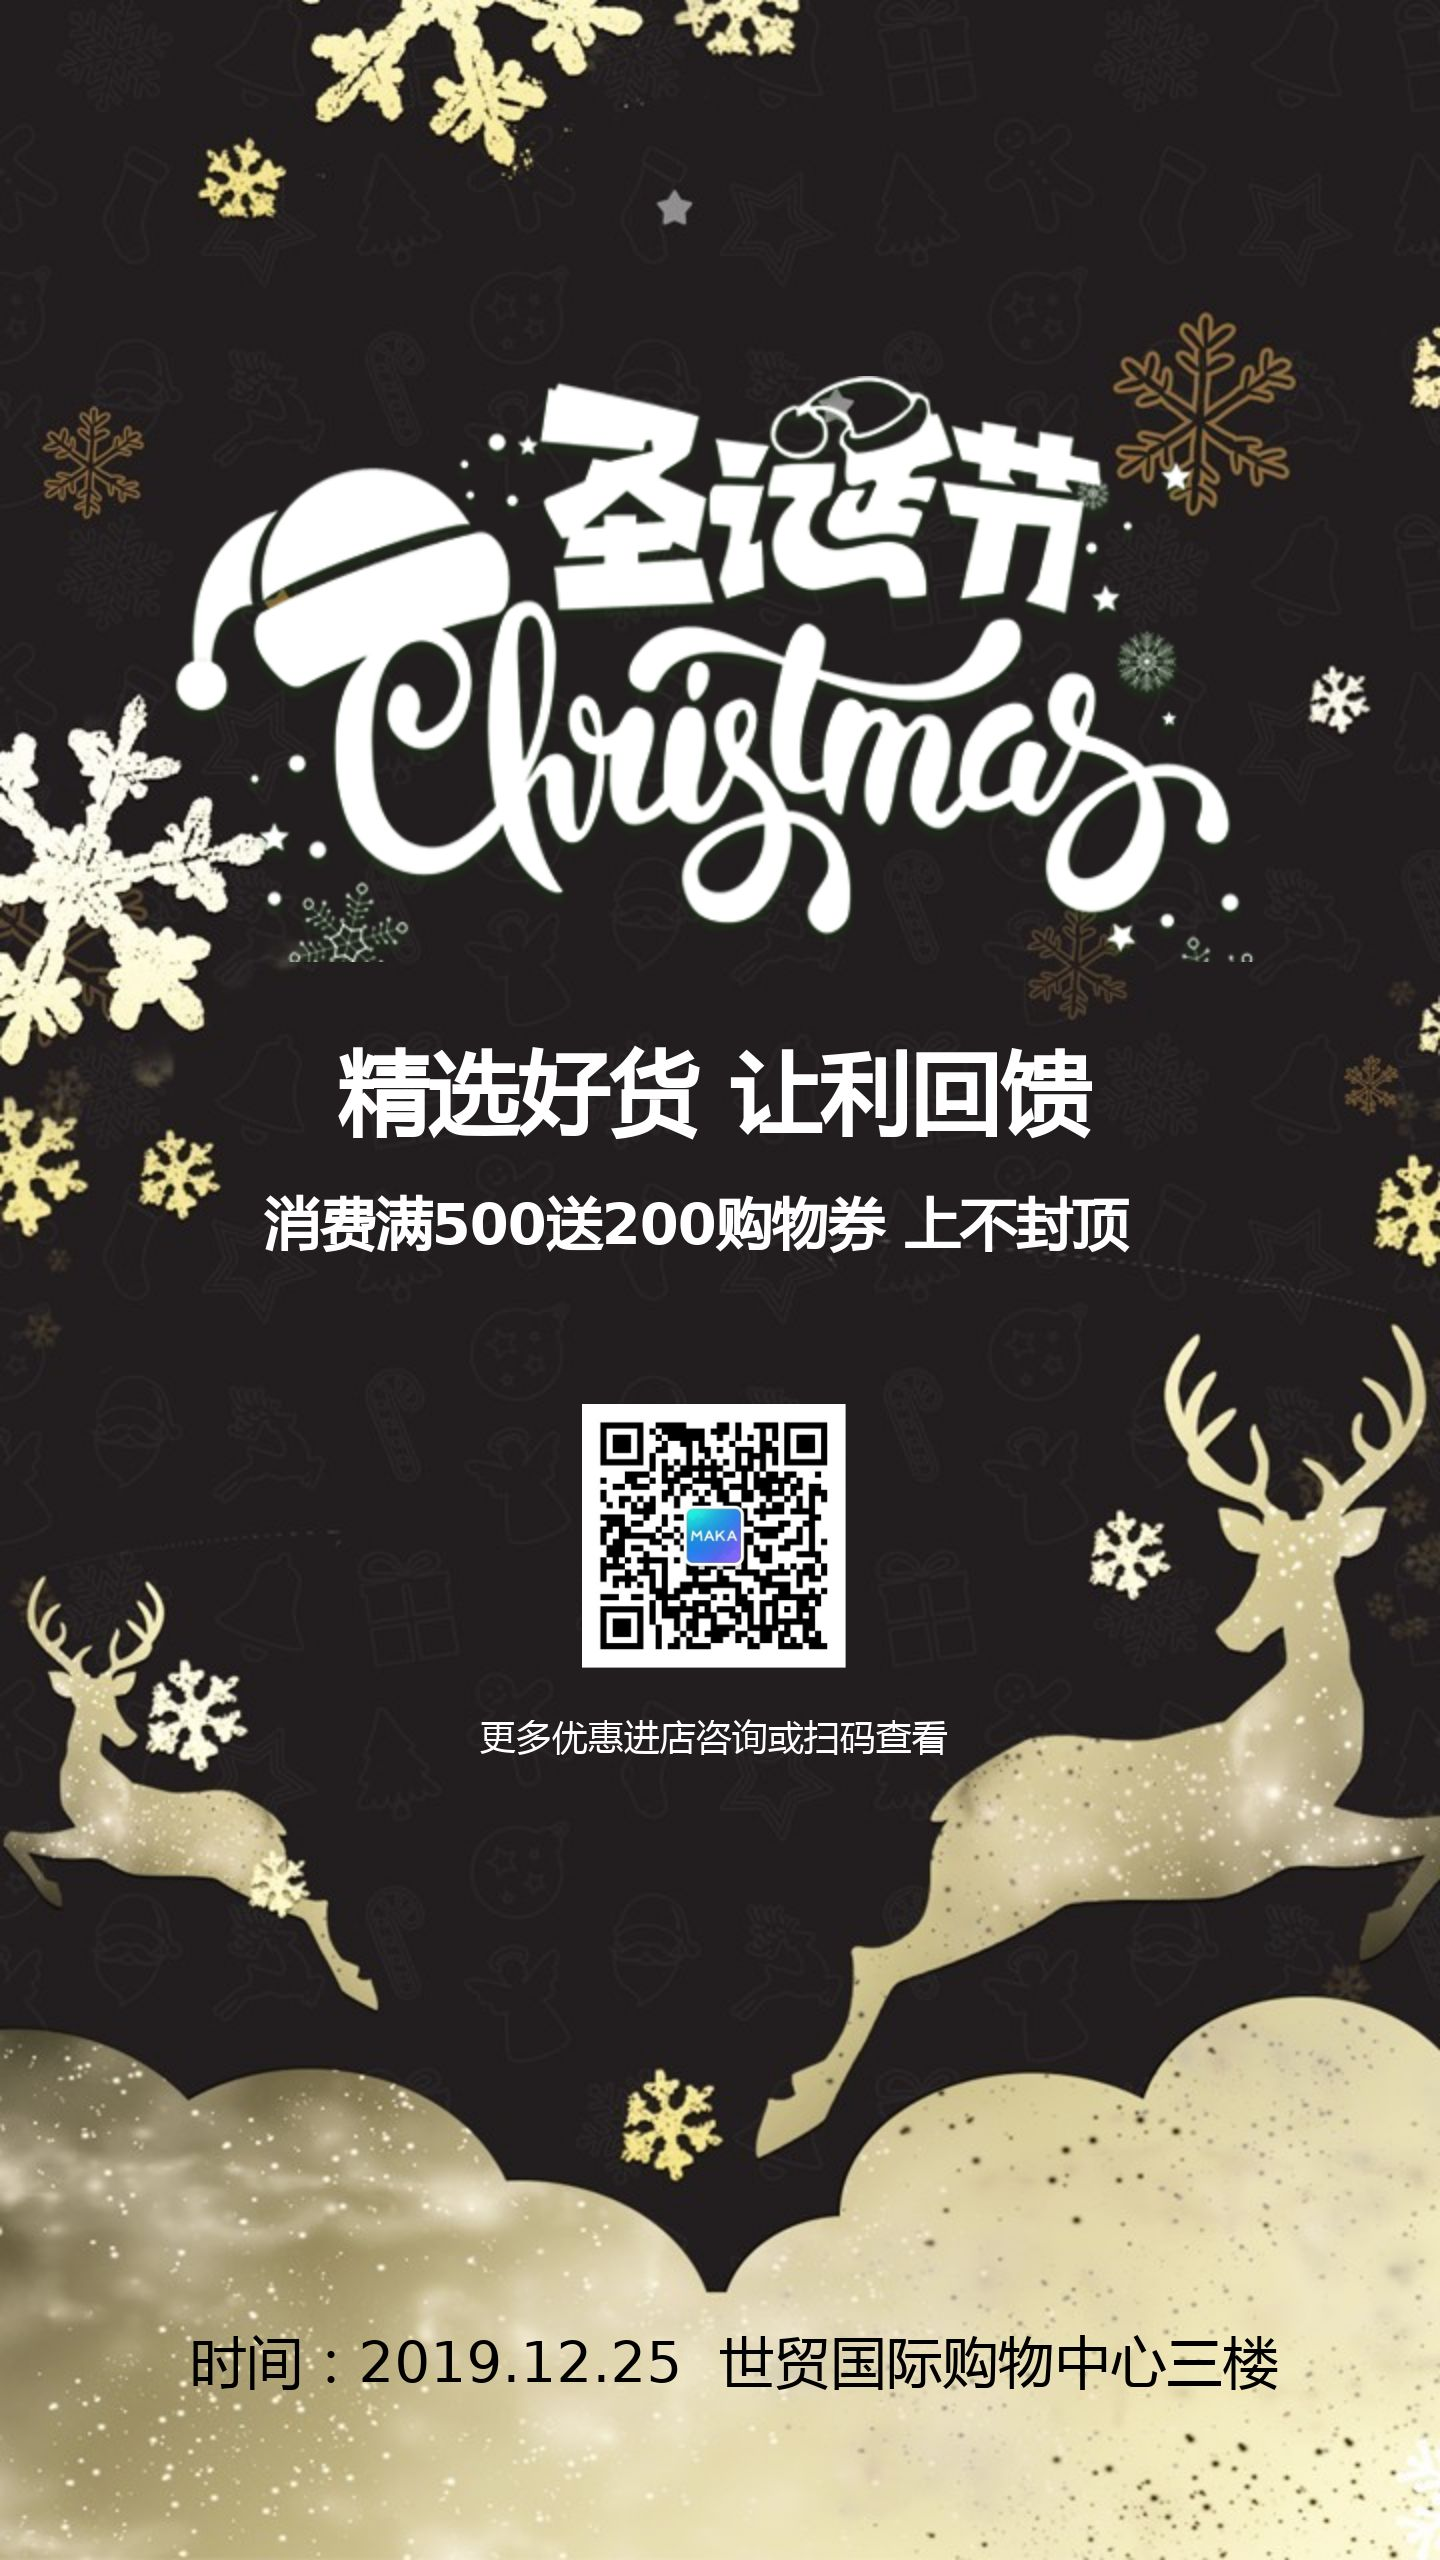 黑上扁平简约圣诞节商家促销宣传海报